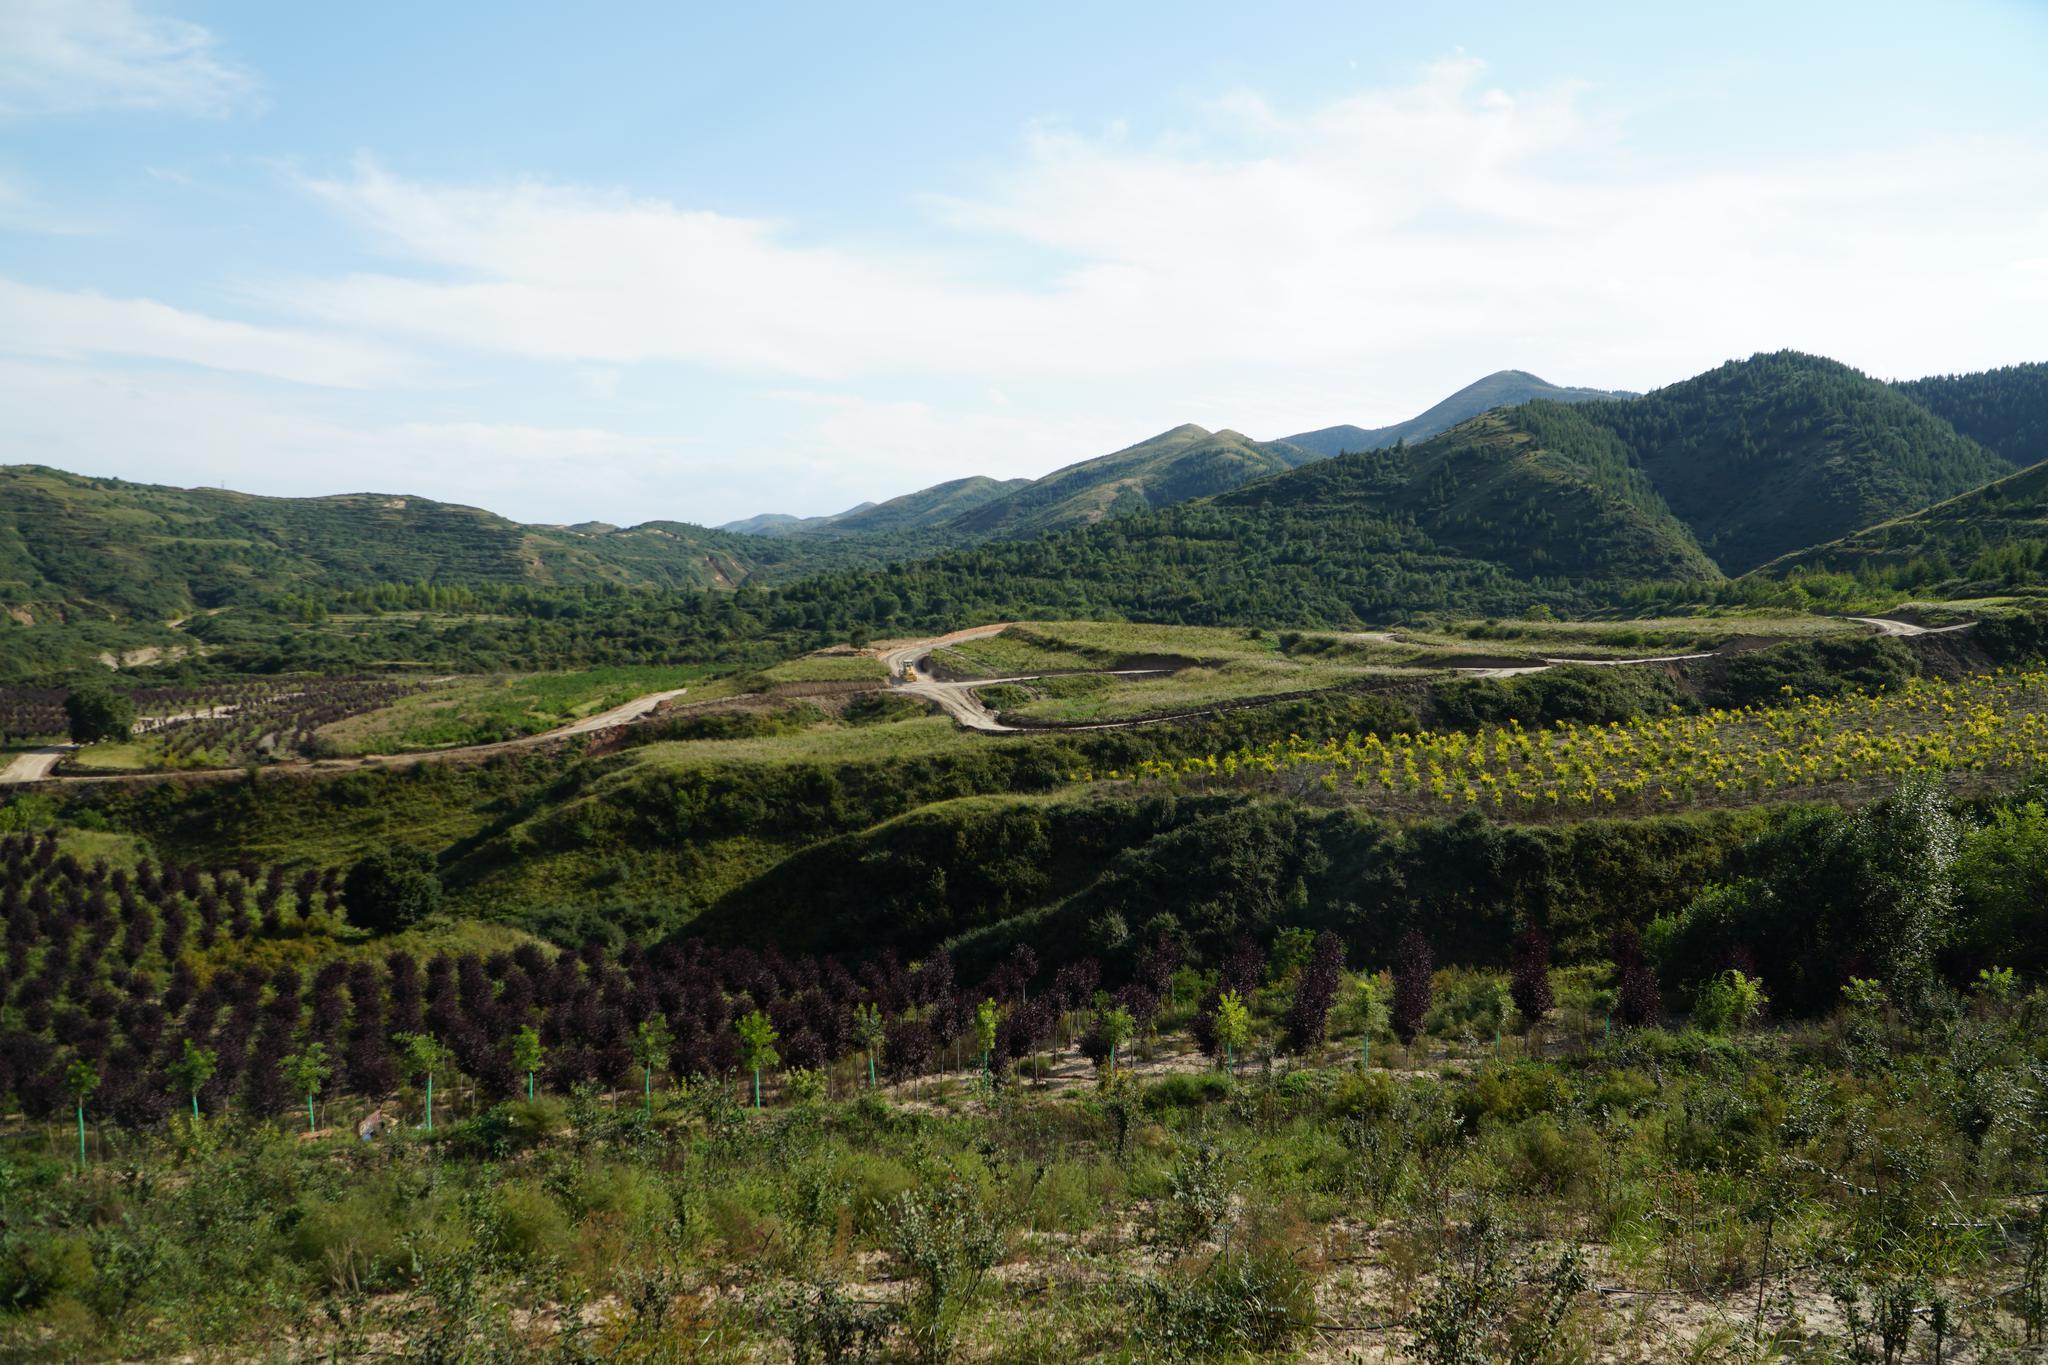 彭阳县农业产业化发展中的金融扶贫